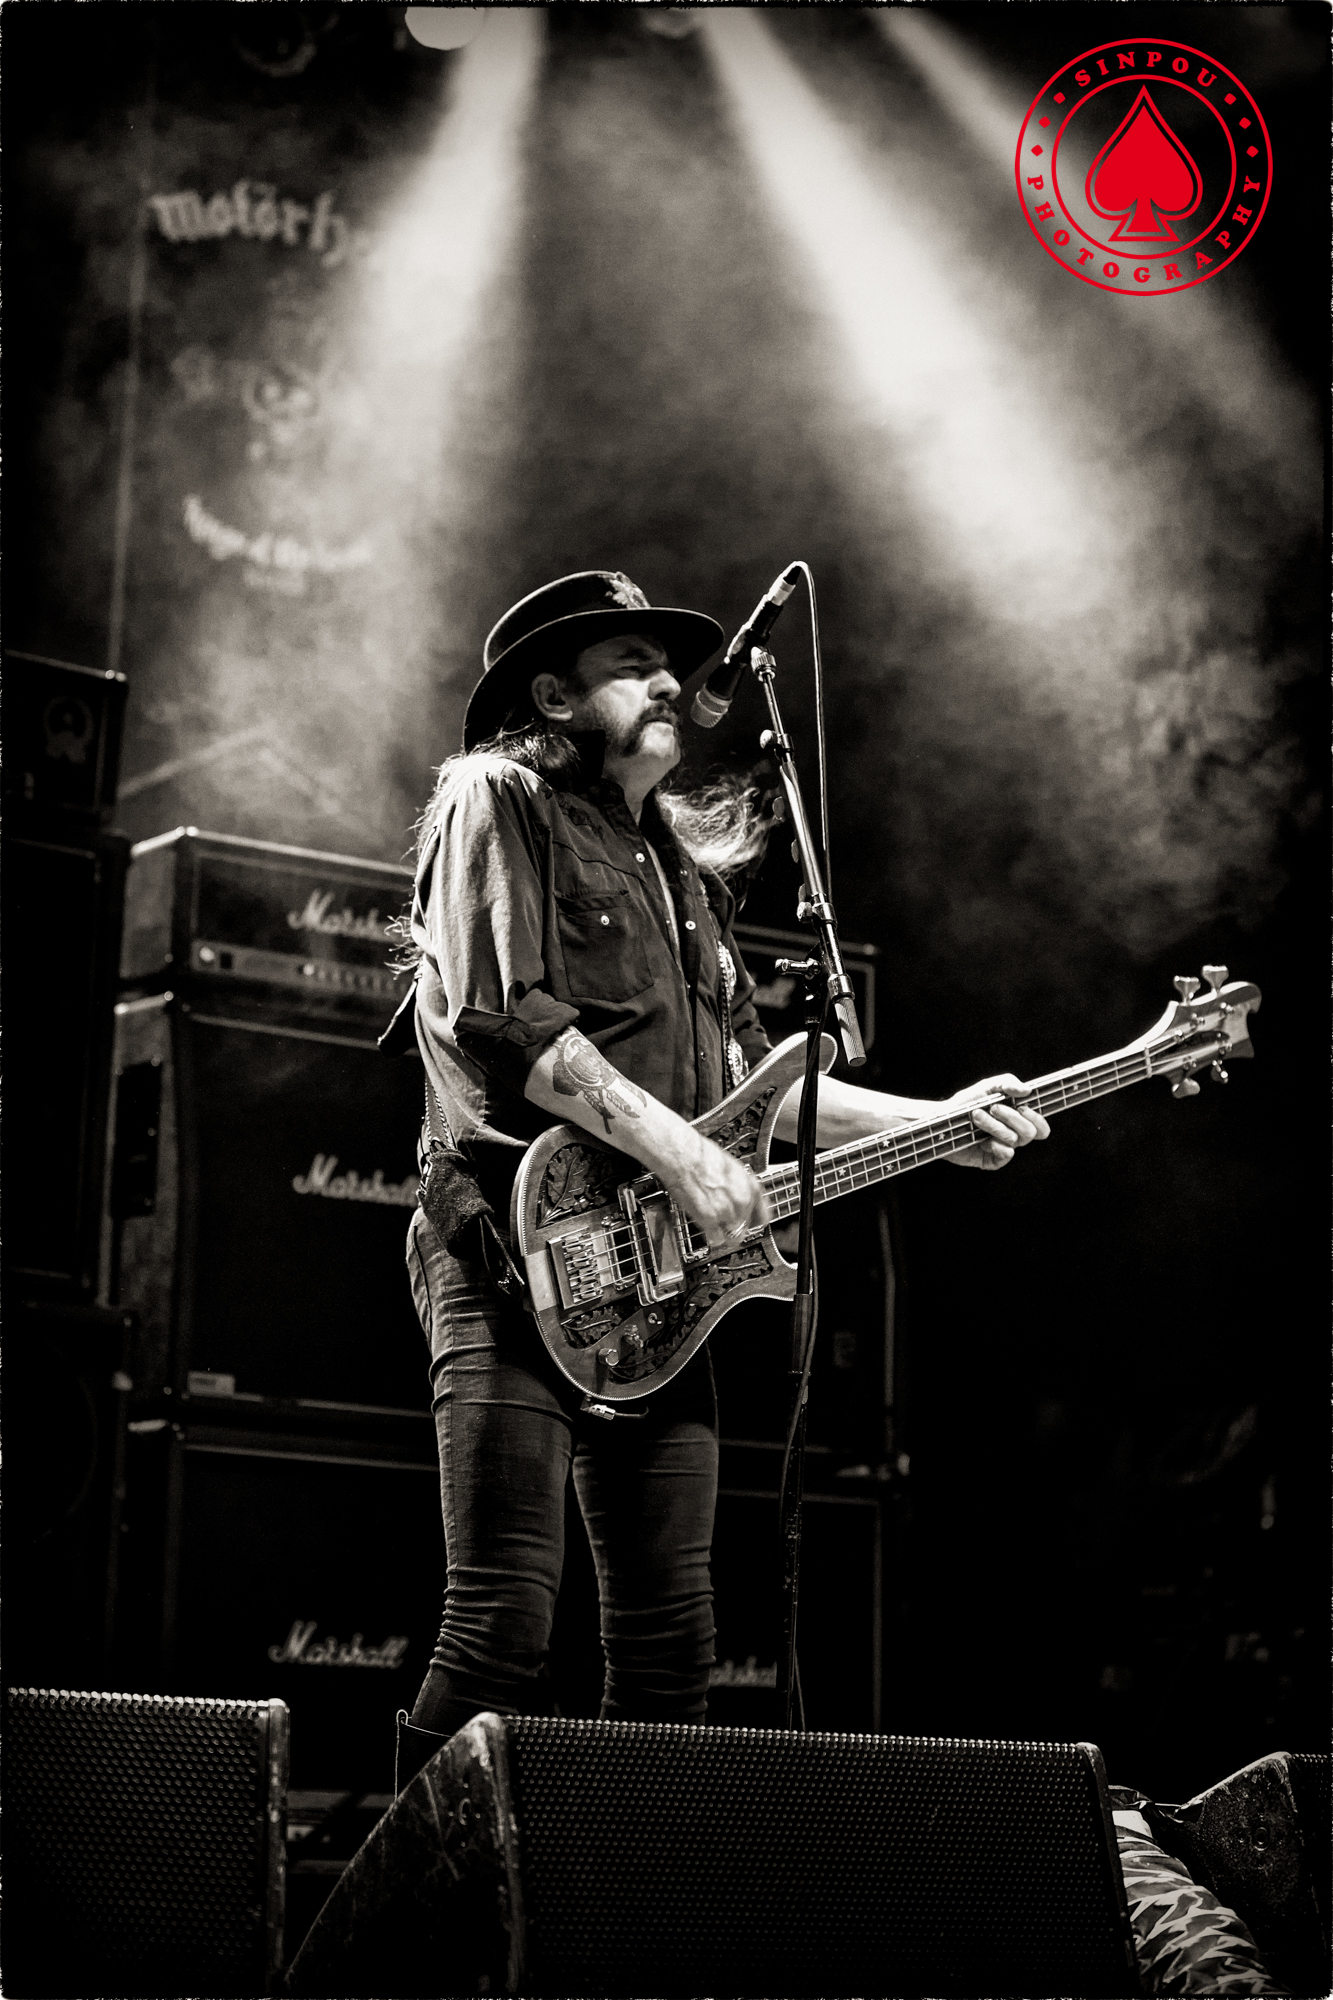 Lemmy Kilmister - Motörhead